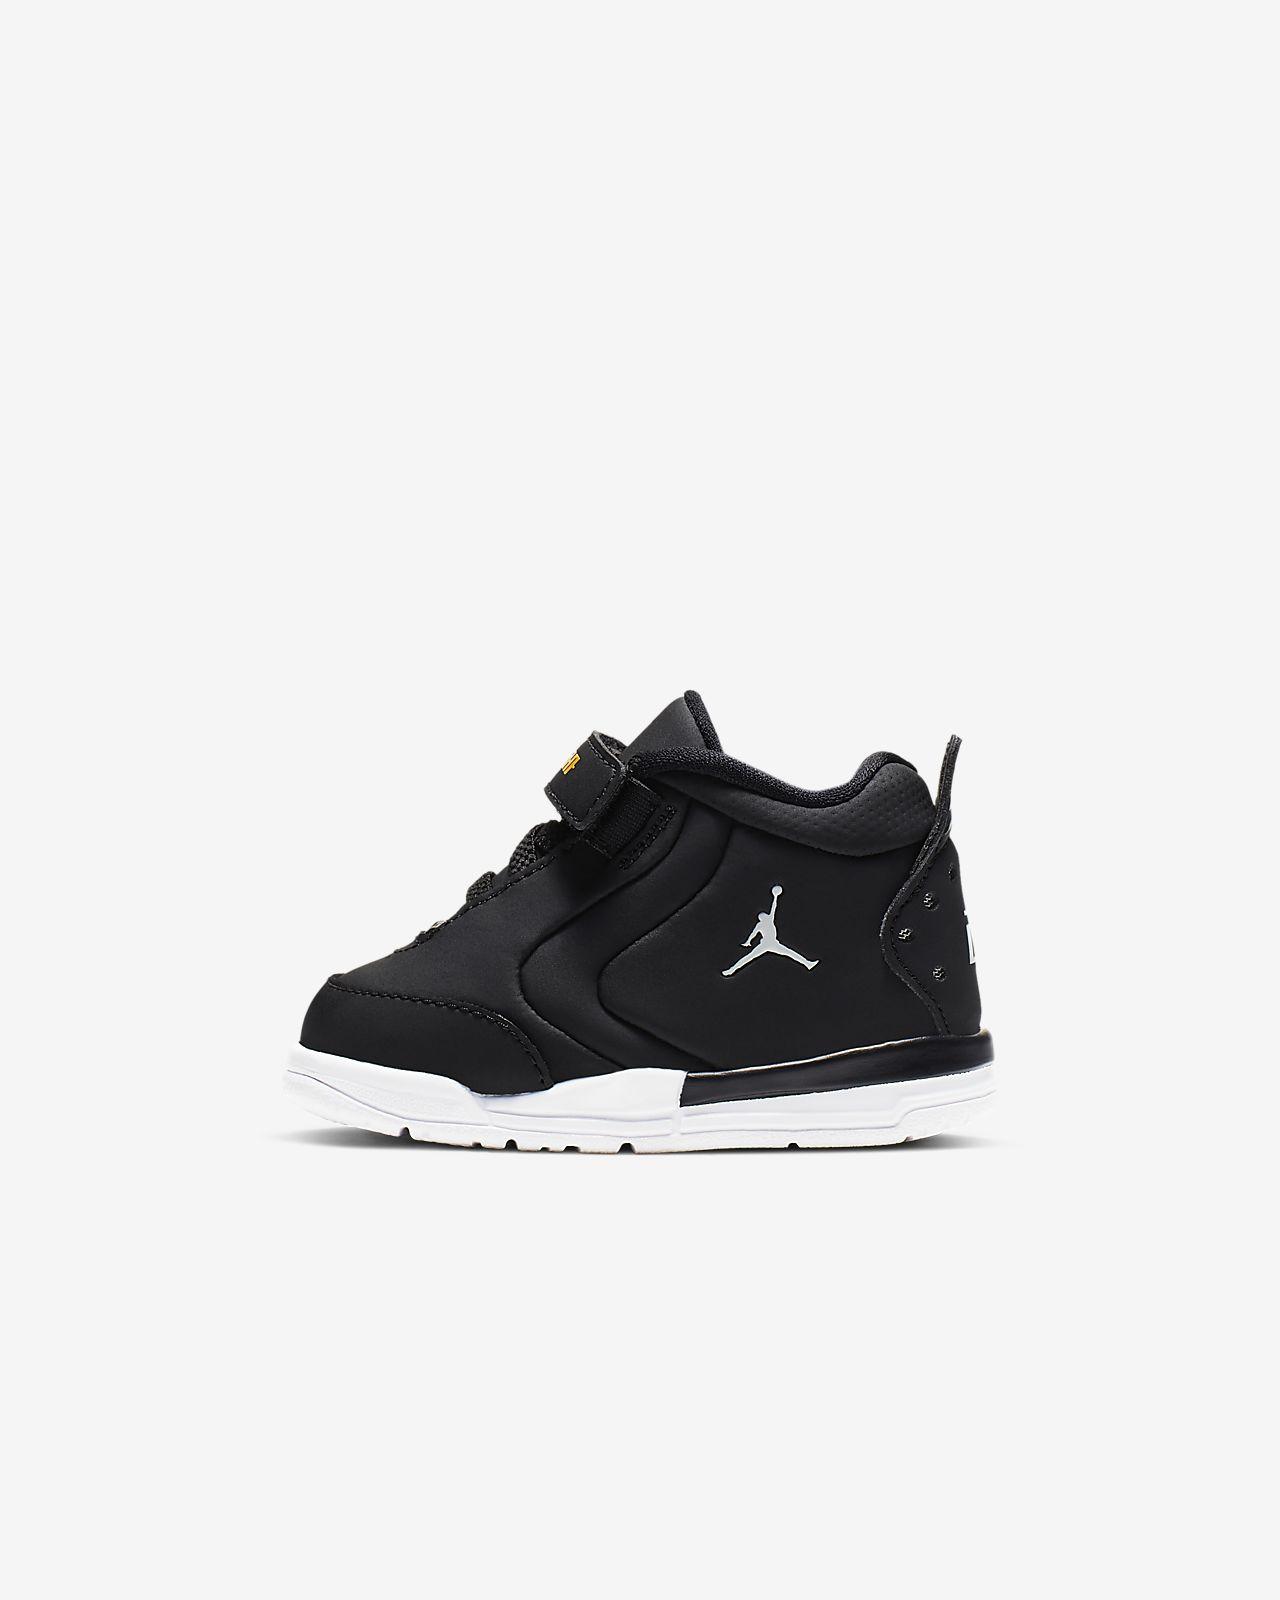 6ca47f983 Calzado para bebé e infantil Jordan Big Fund. Nike.com MX